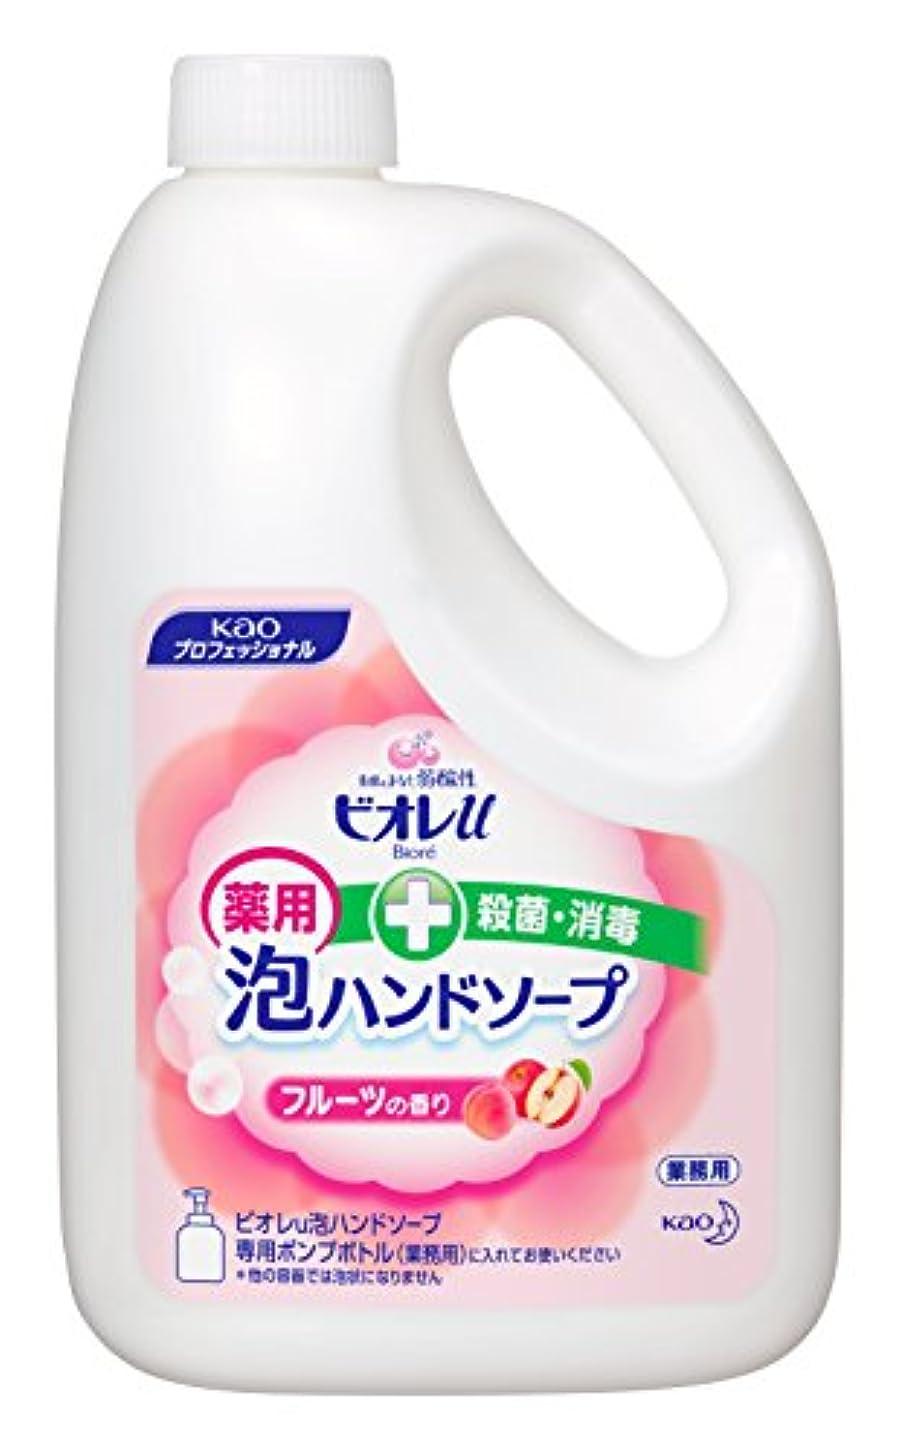 石油近くスペード【業務用 泡ハンドソープ】ビオレu 泡ハンドソープ フルーツの香り 2L(プロフェッショナルシリーズ)